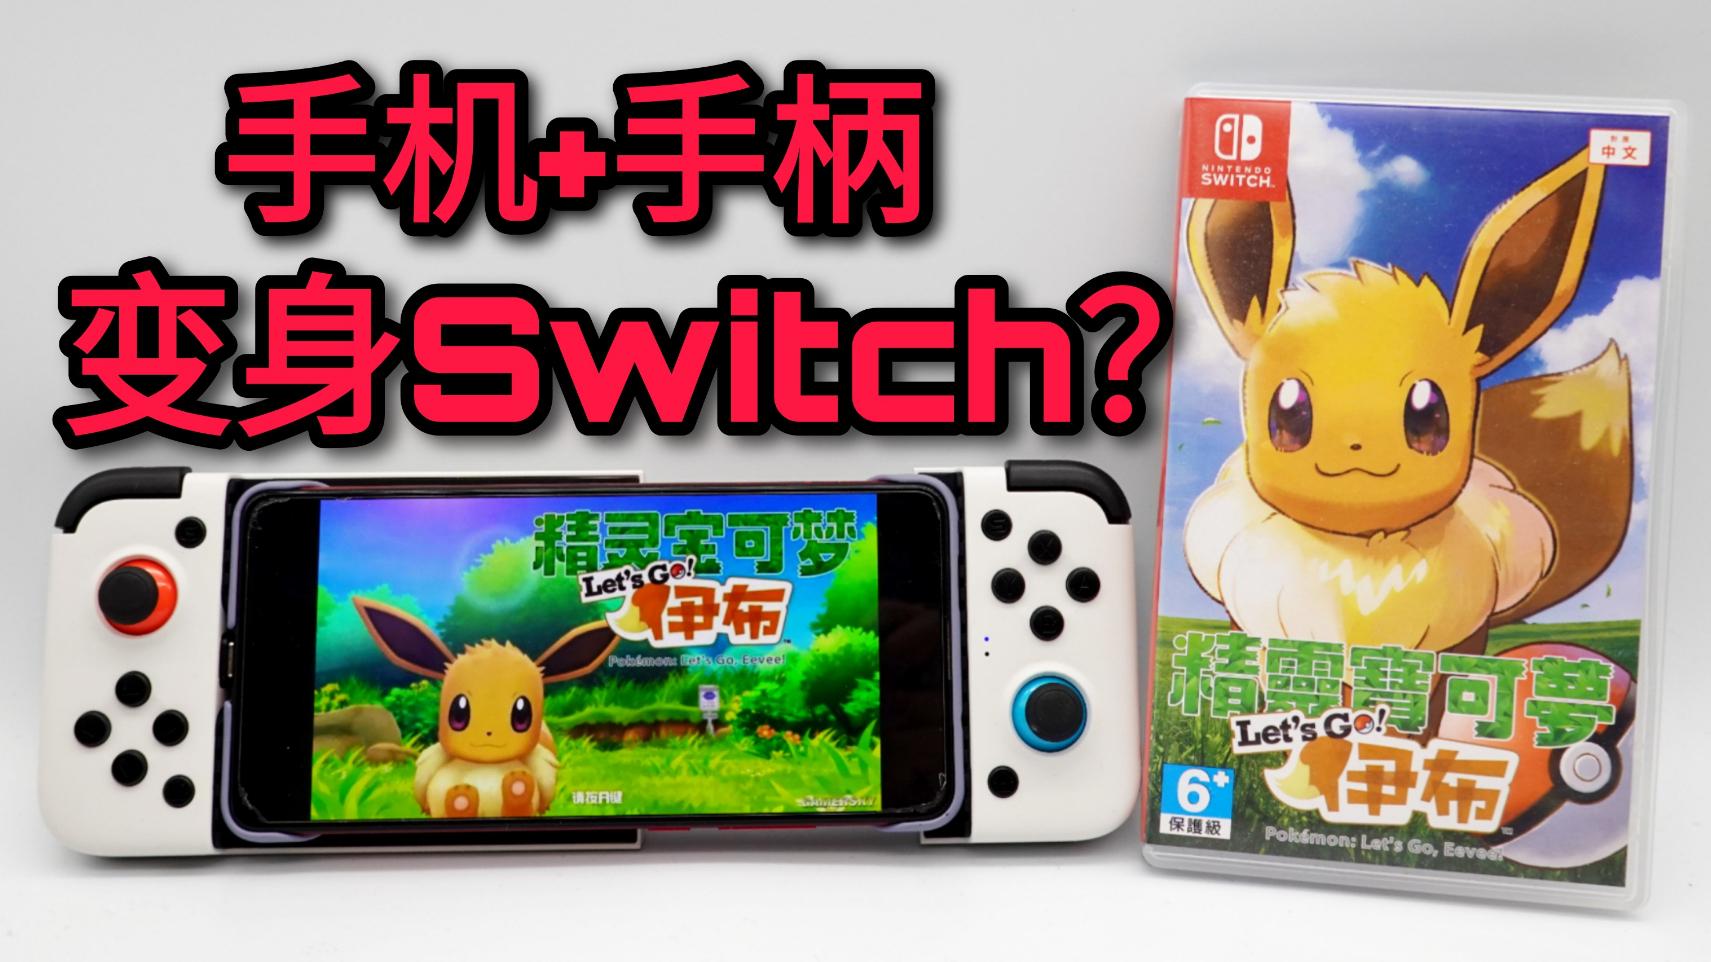 【超A新生计划】手机加手柄真能让手机变成SWITCH了,甚至还能流畅运行NS游戏?!